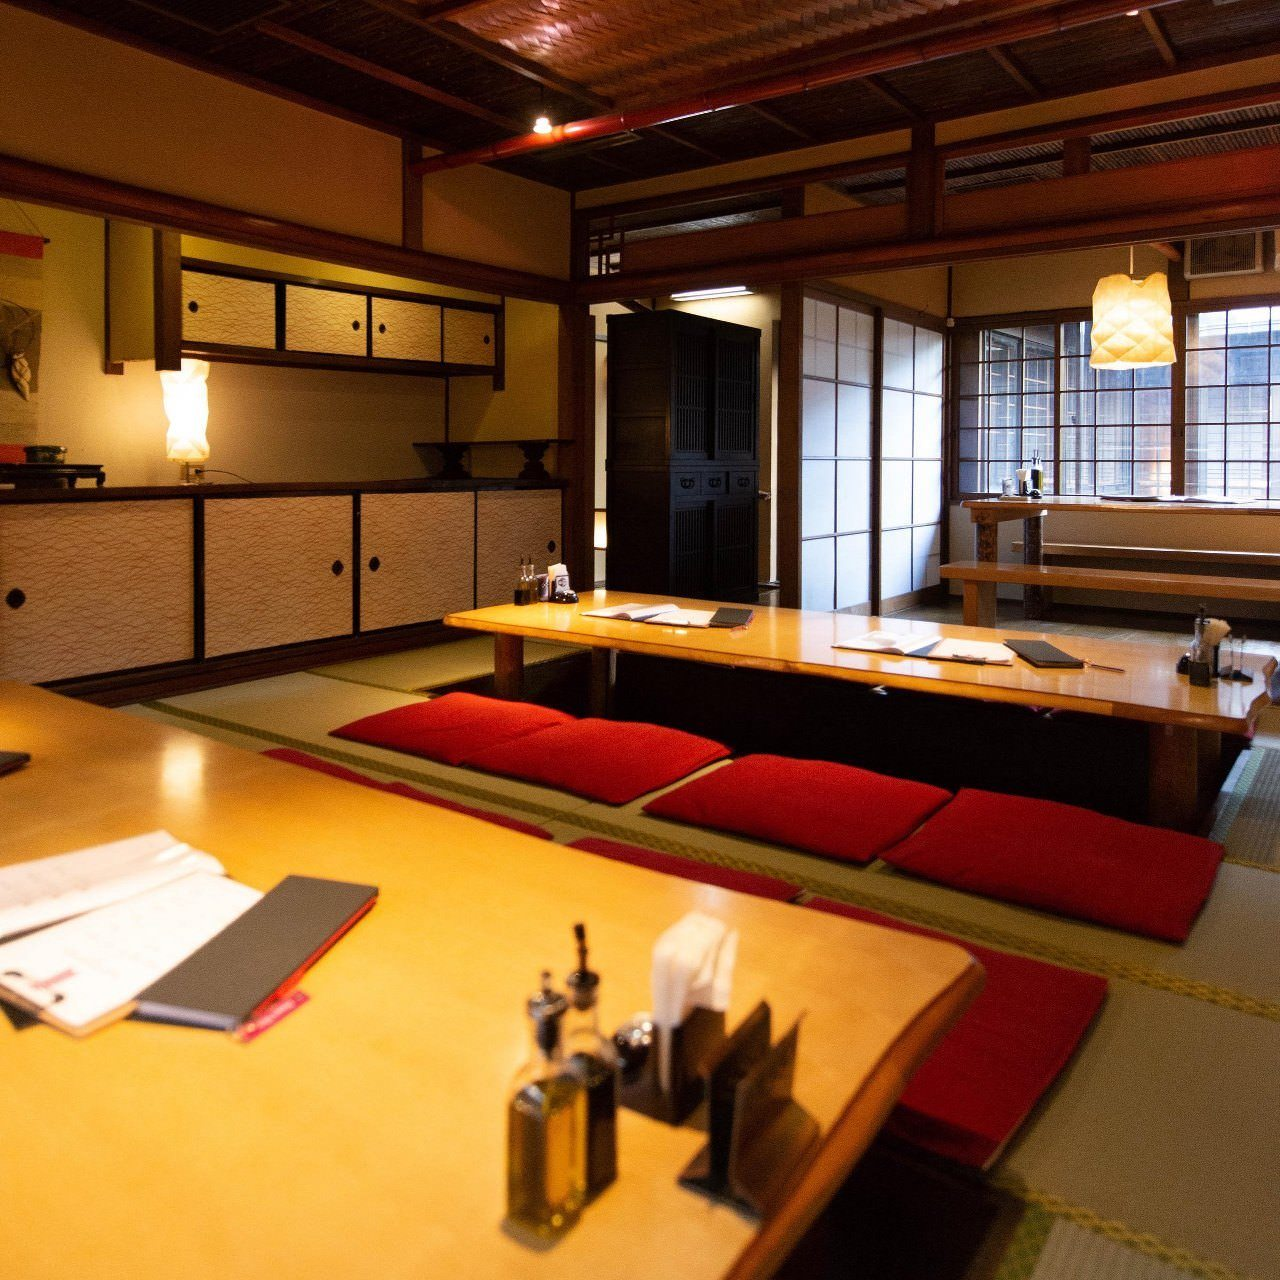 京都の雰囲気を楽しめる町屋風空間